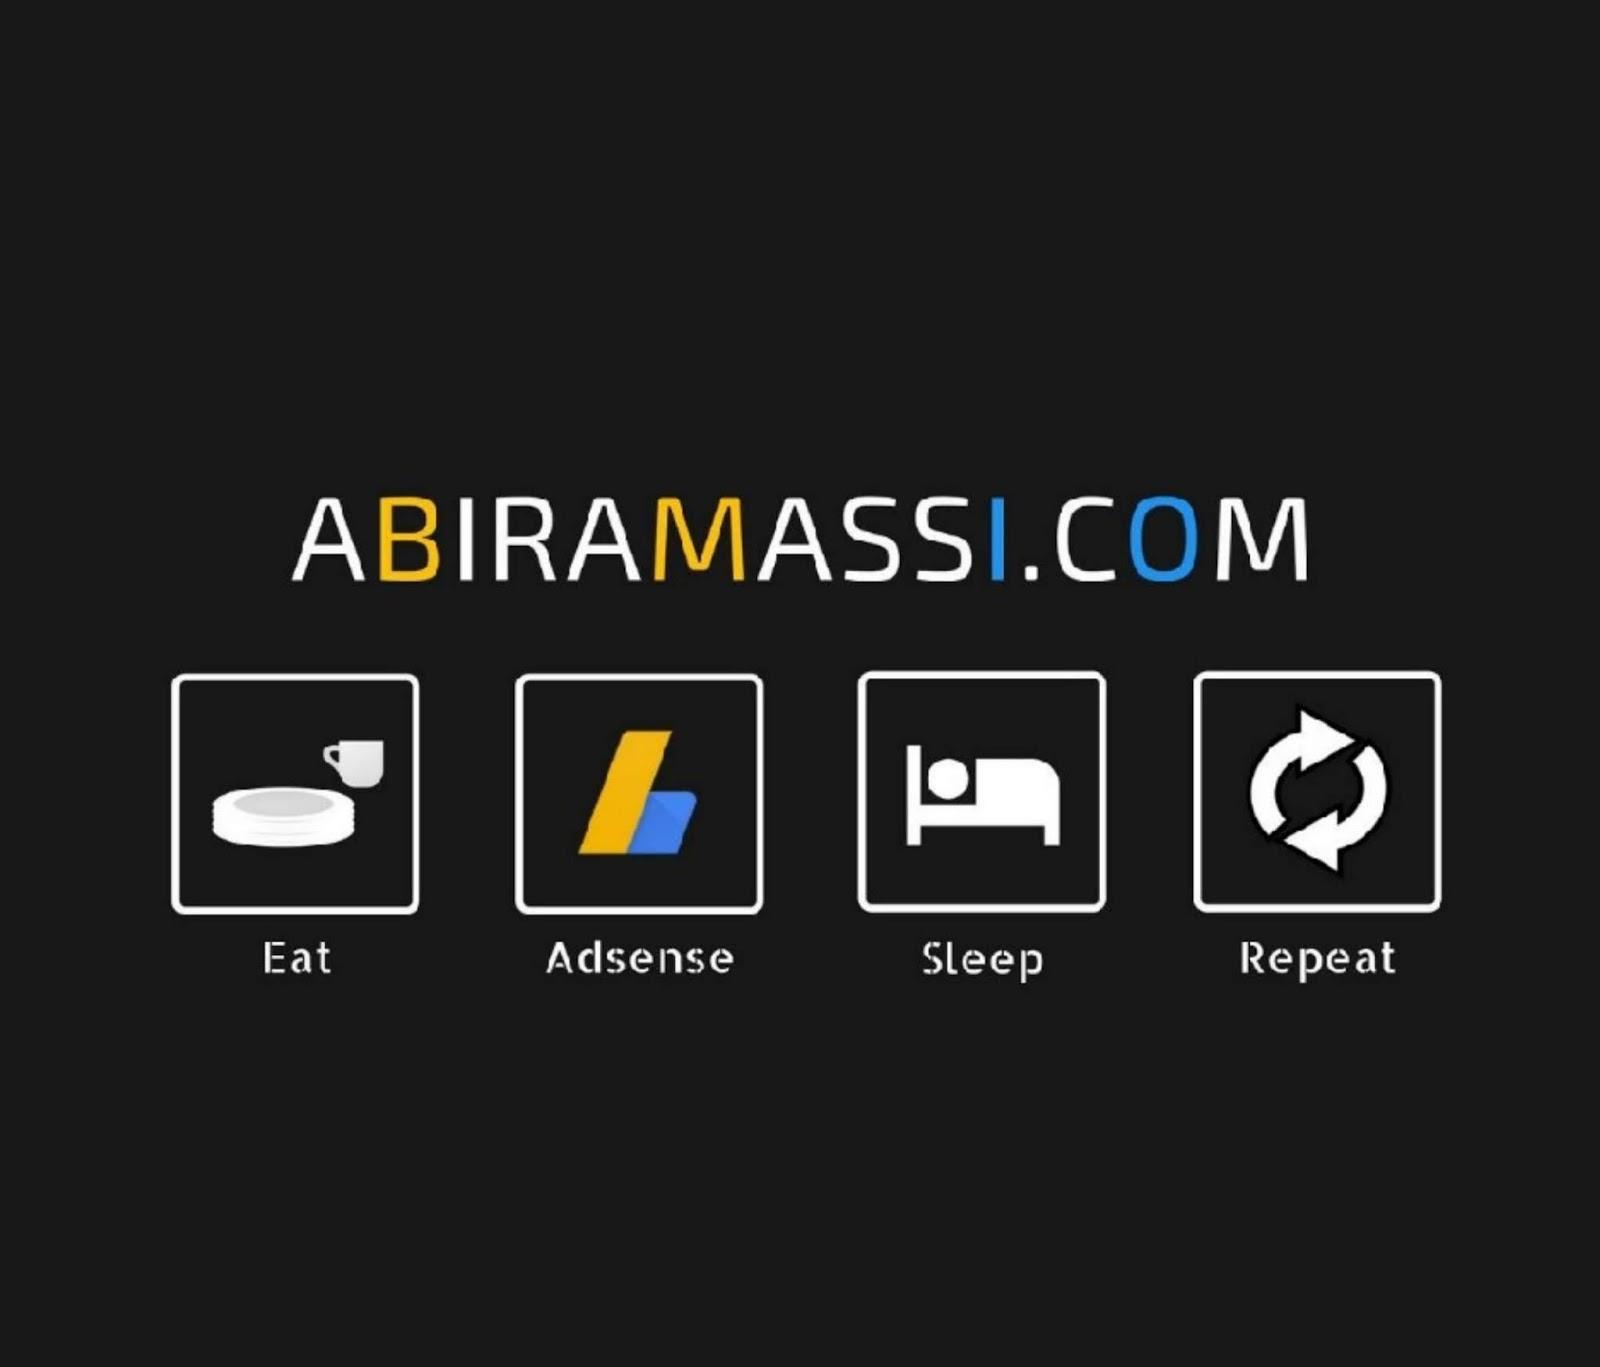 Abira Massi